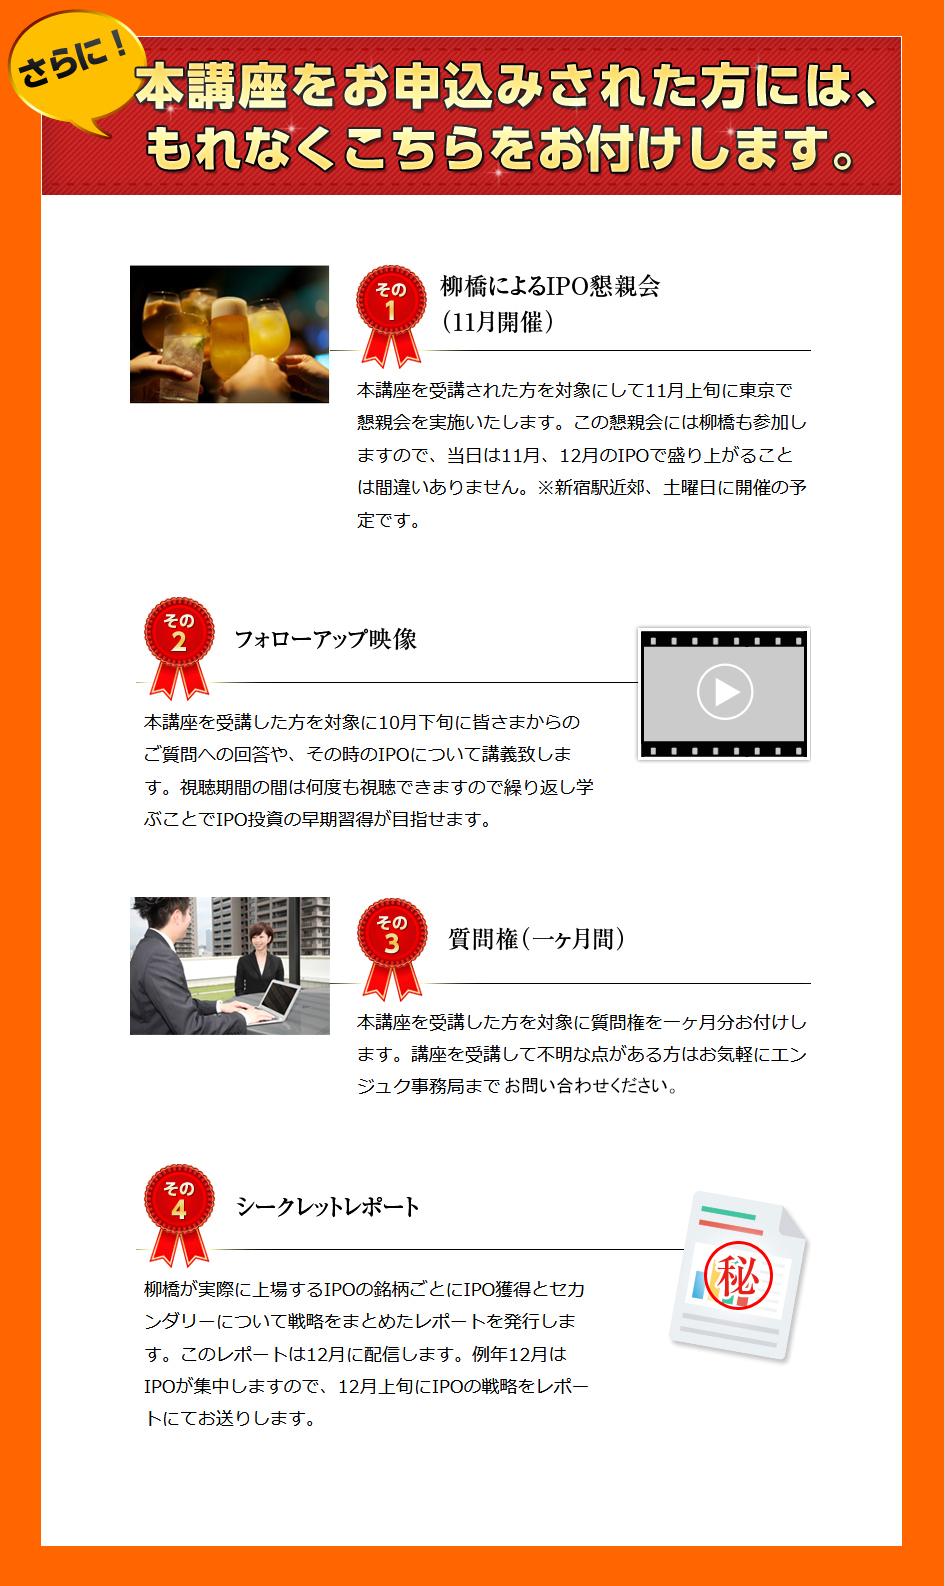 わずか数日から数週間で、数十万円~数百万円の利益をあげる「柳橋式IPO投資」_23